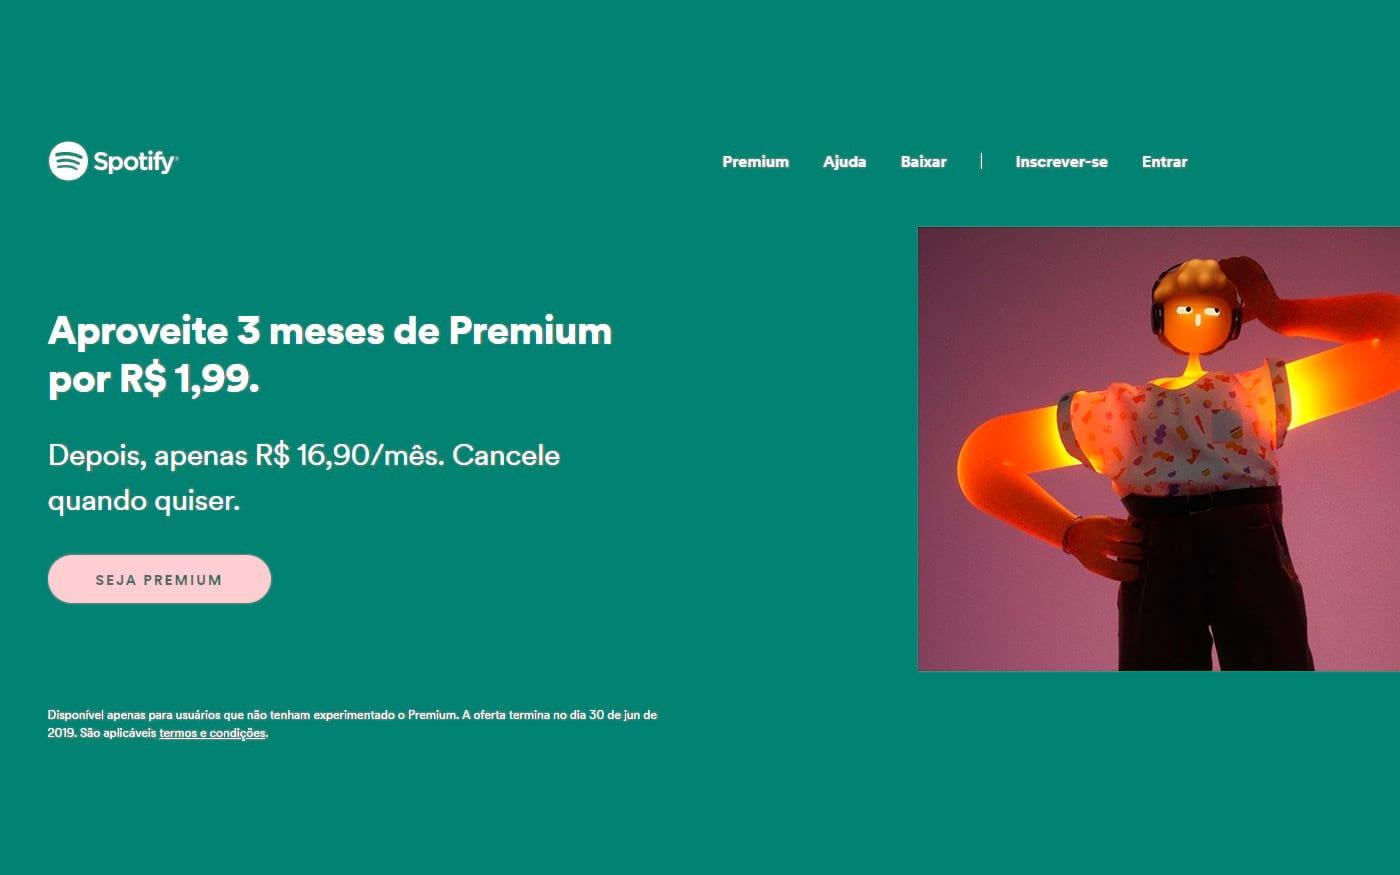 Spotify Premium por apenas R$ 1,99 por mês, veja como